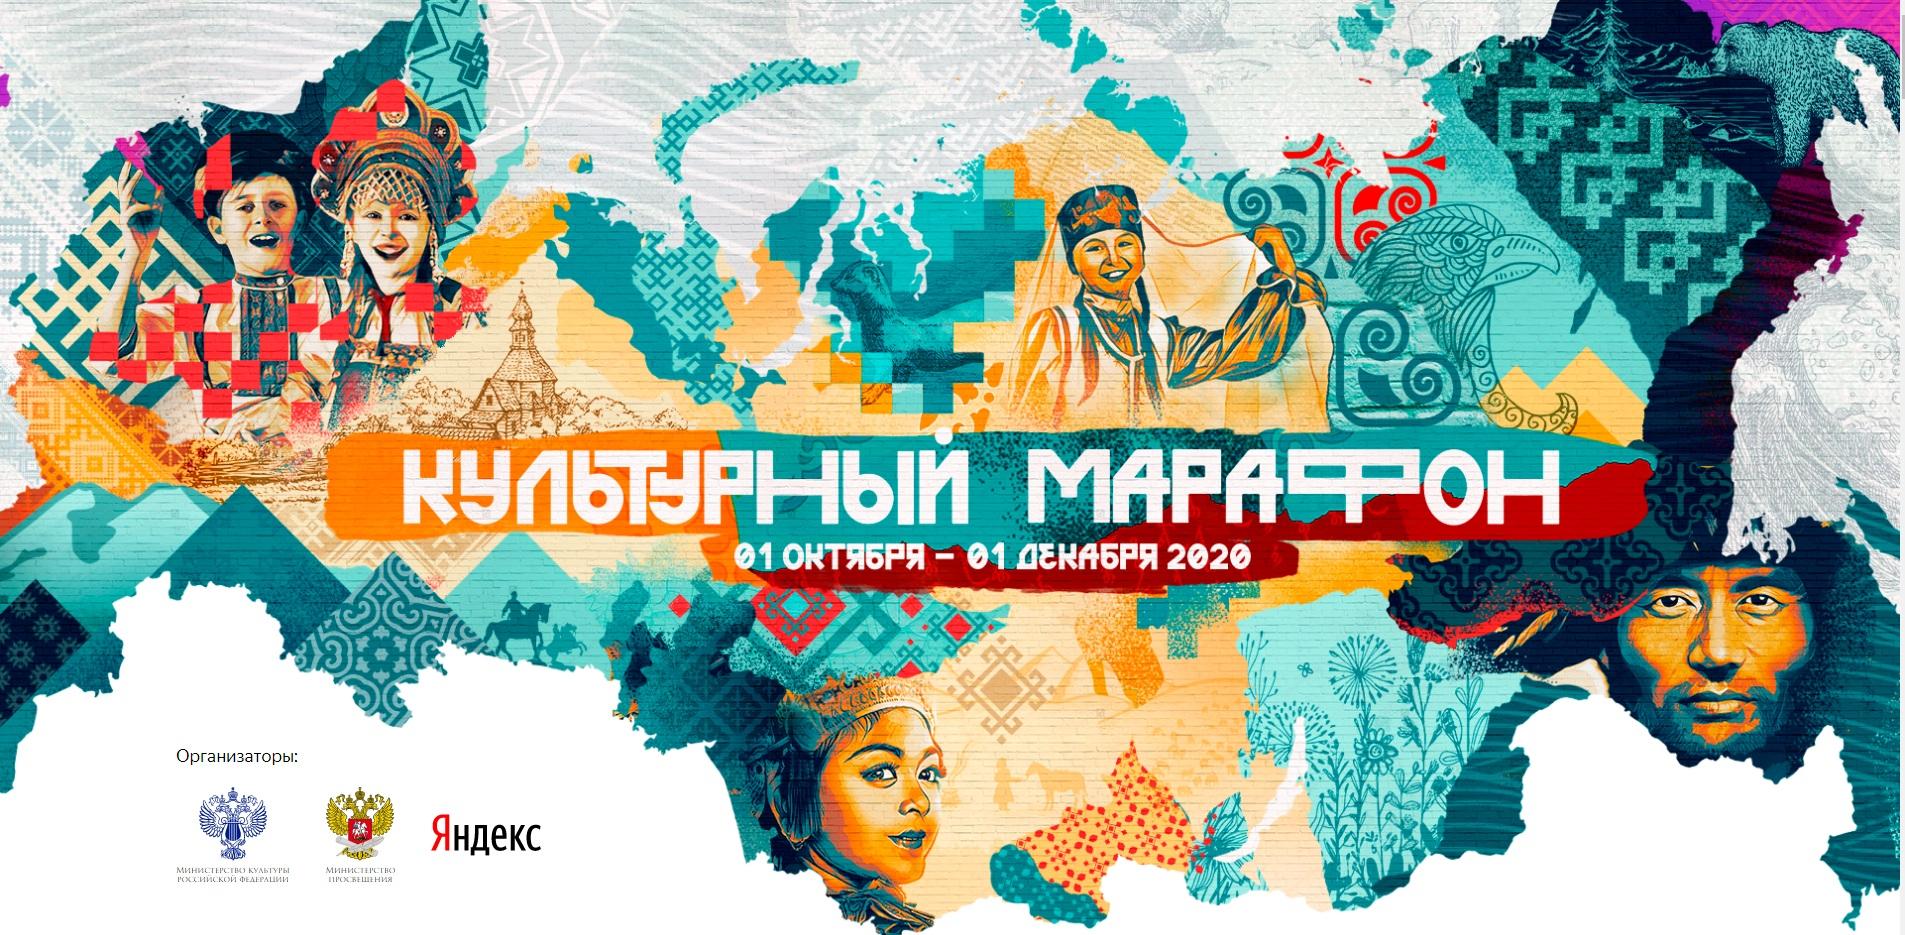 В России проходит акция «Культурный марафон»